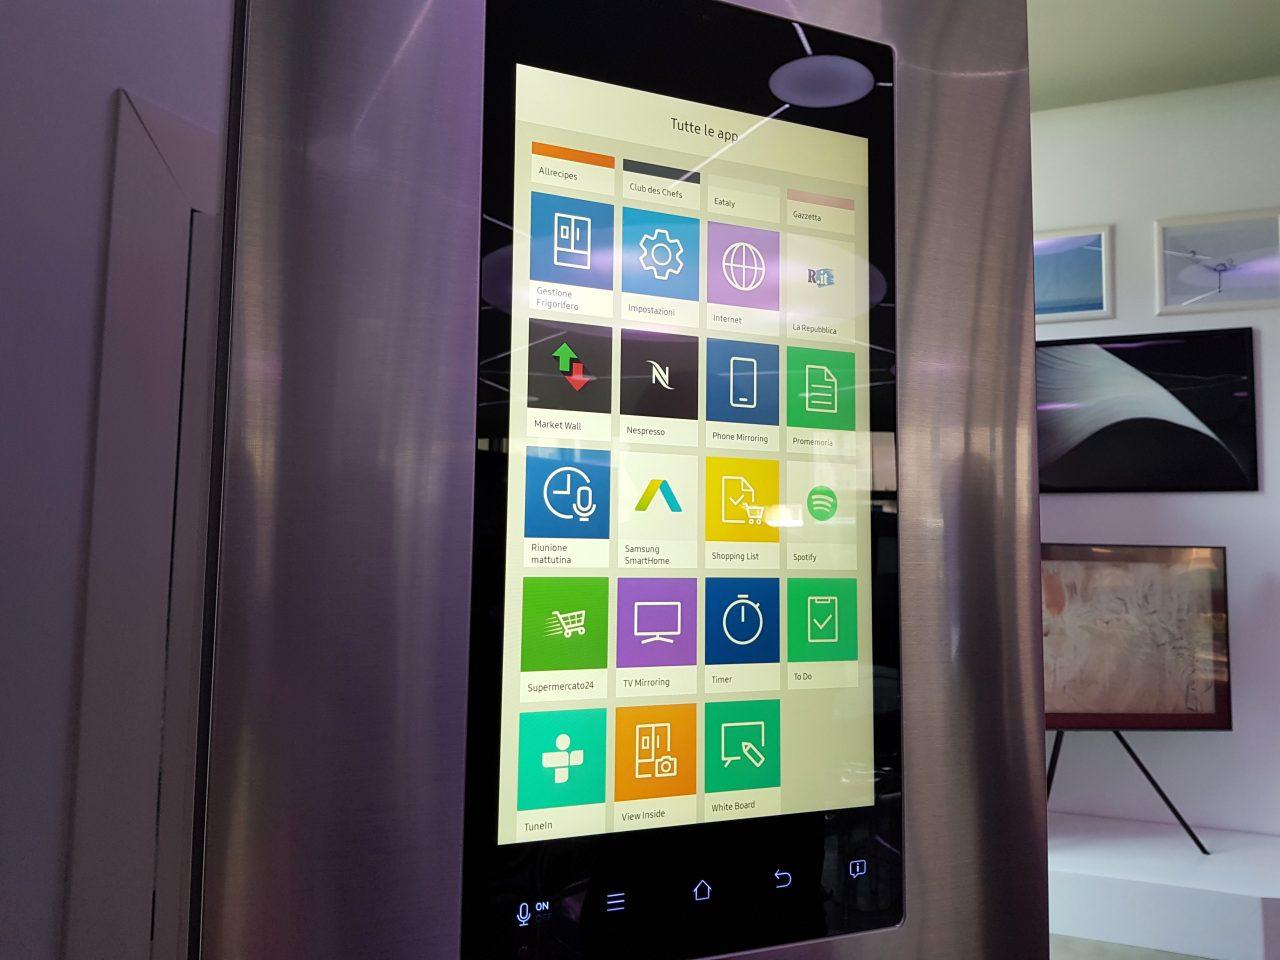 Il frigo smart di samsung anteprima del frigorifero tizen for Nuovo frigo samsung